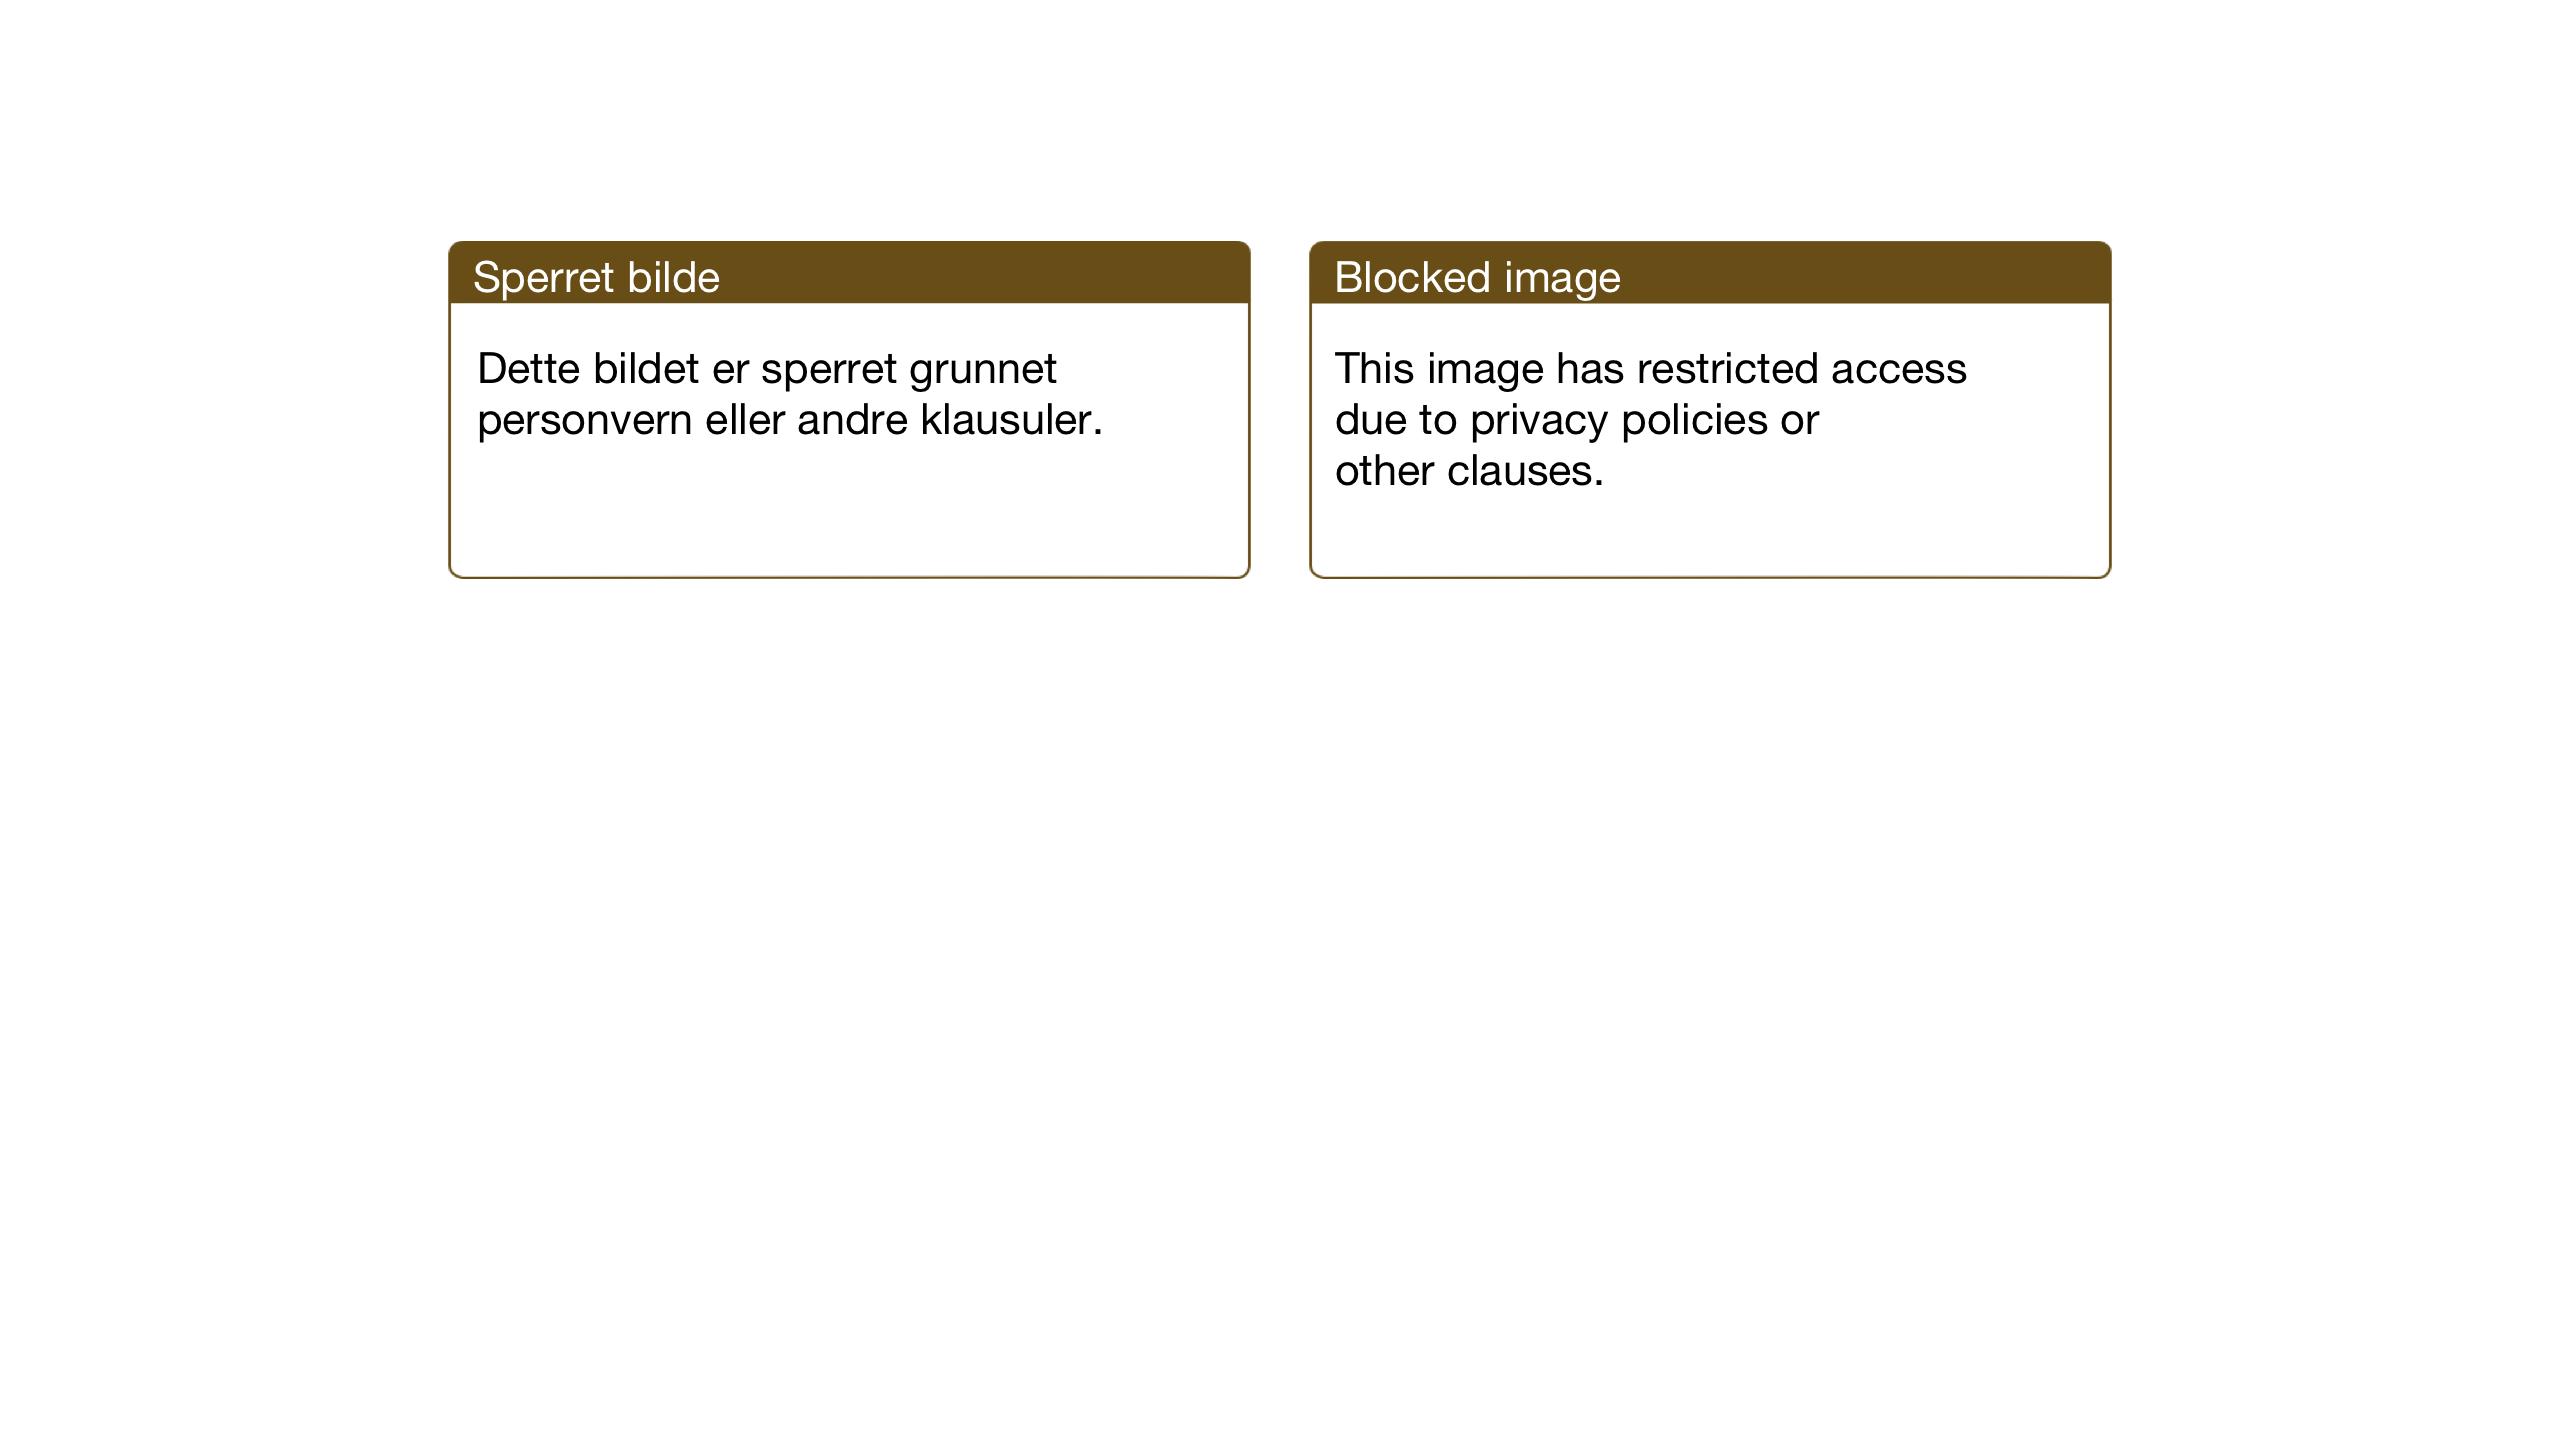 SAB, Jondal folkeregister, F/Fd/L0004: Hovudregisterkort gnr. 32 bnr. 1 - gnr. 36 bnr. 129, 1995